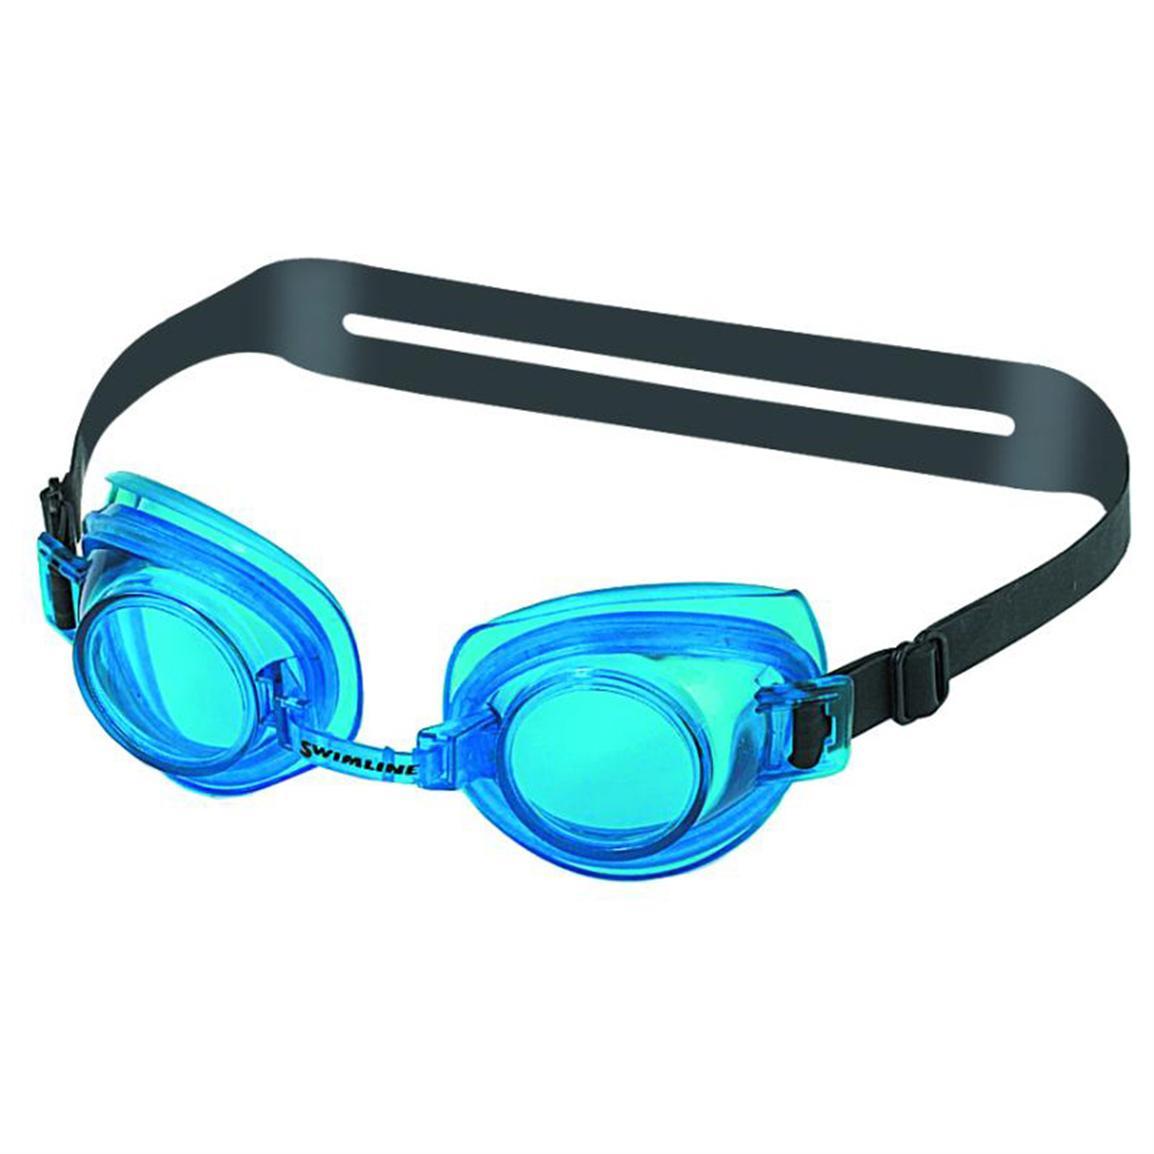 Free Swim Goggles Cliparts, Download Free Clip Art, Free.